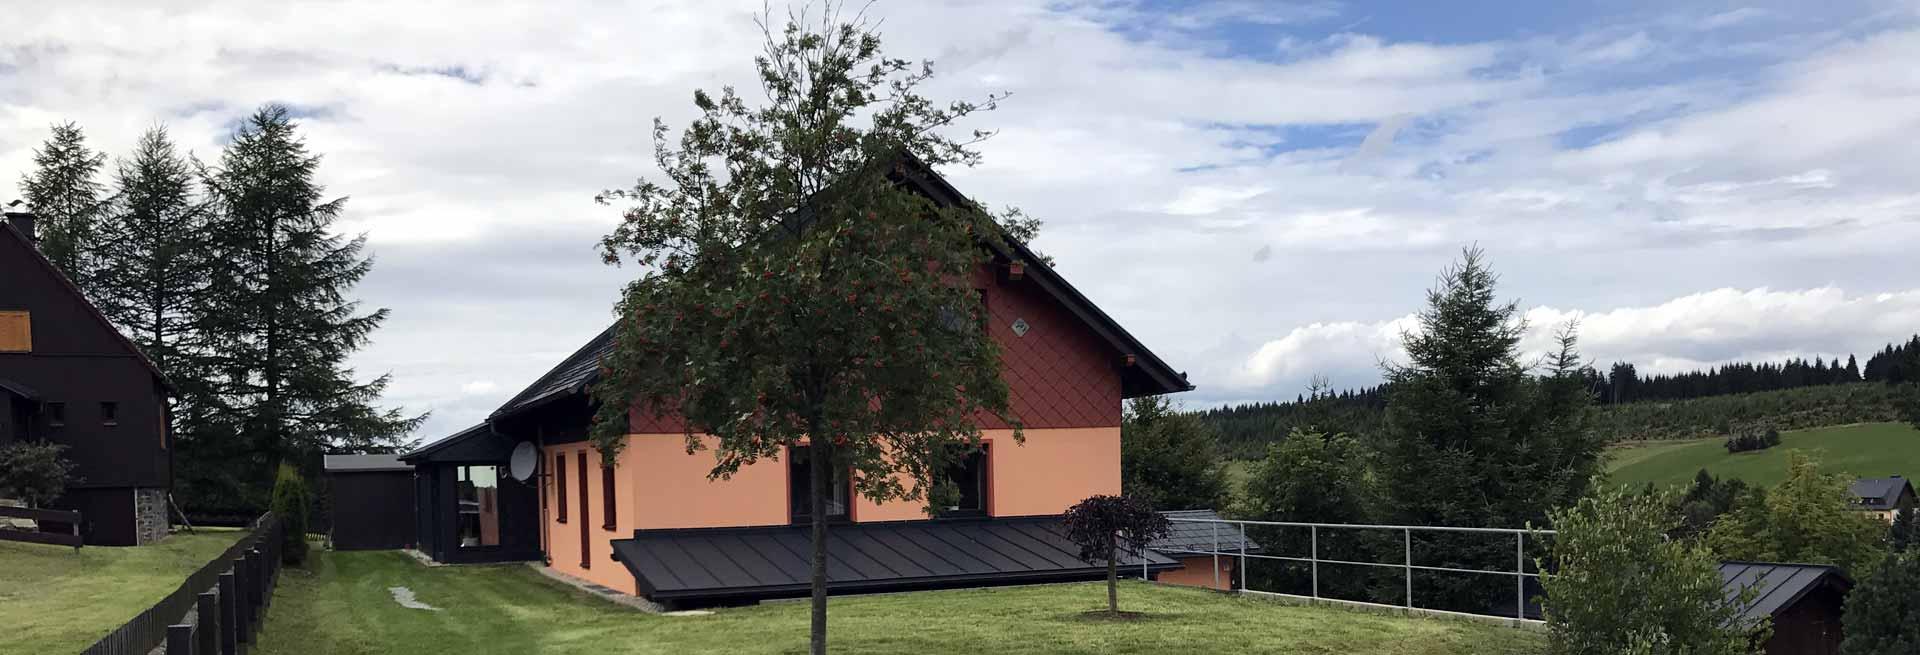 Ferienvermietung Riedel / Tellerhäuser Erzgebirge